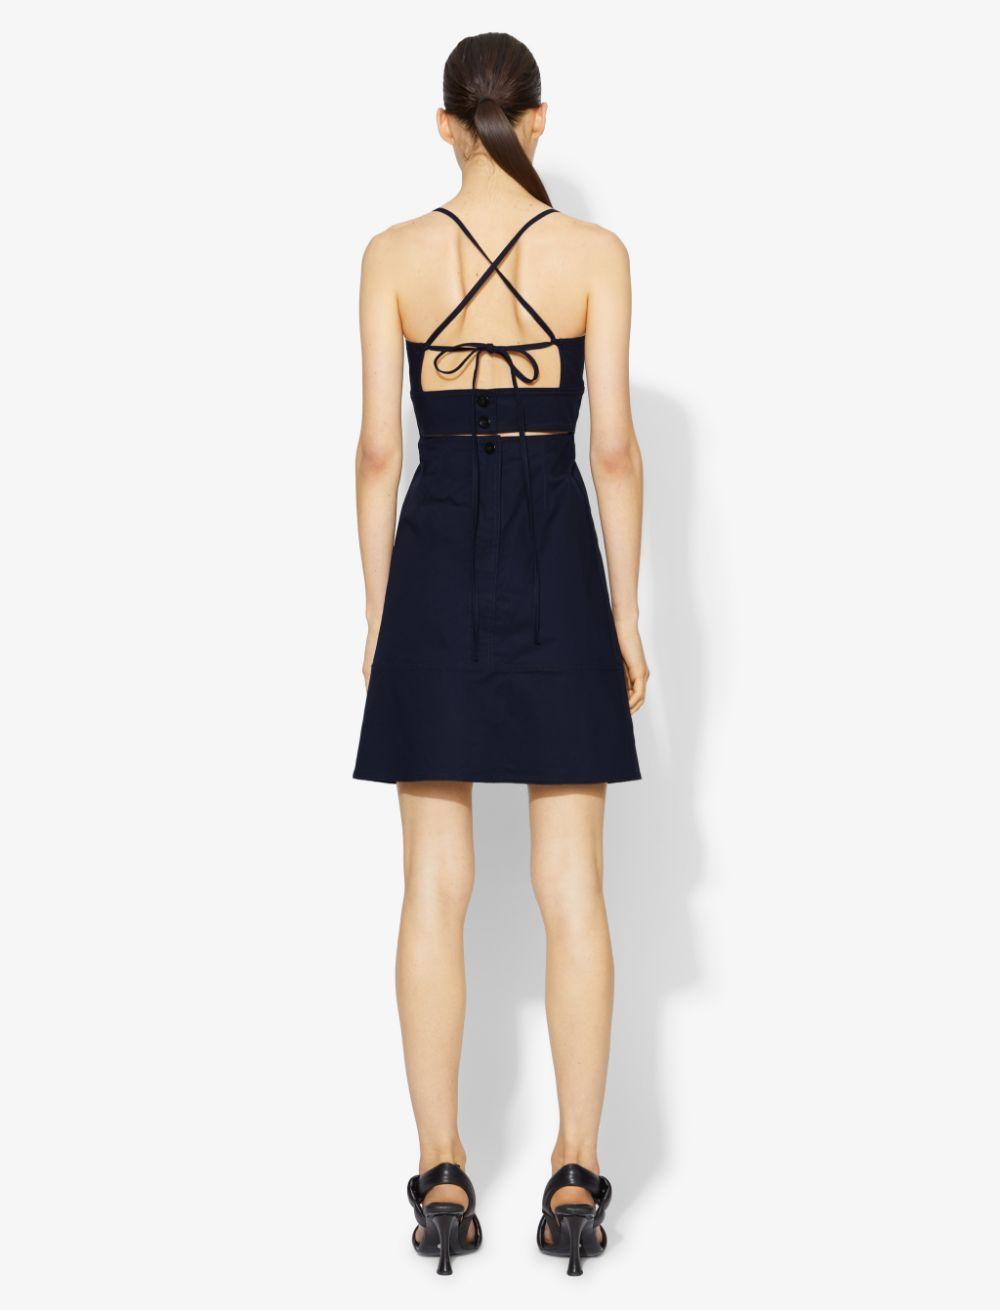 Proenza Schouler White Label Cotton Short Dress navy/blue 6